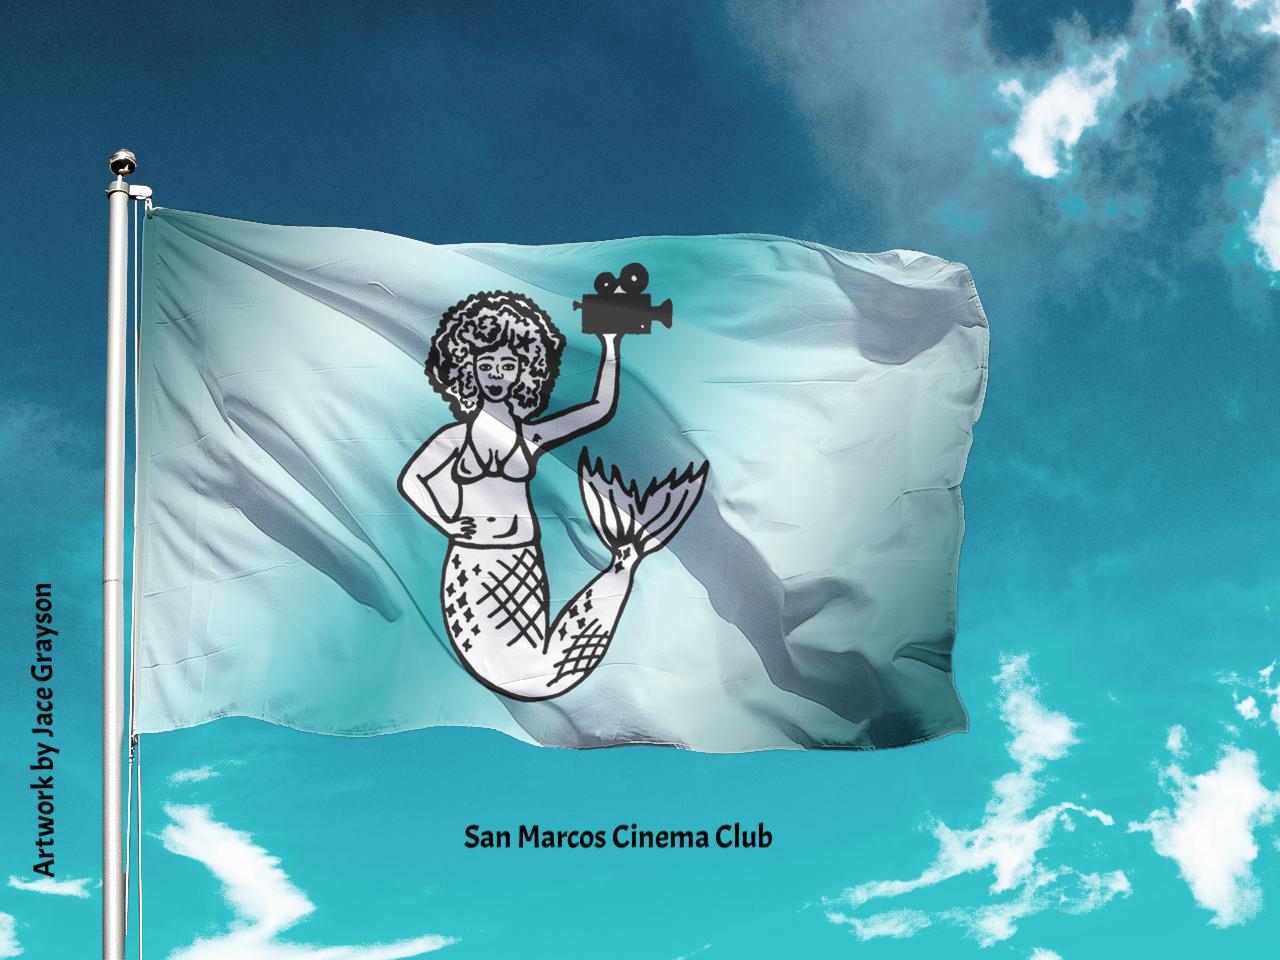 San Marcos Cinema Club